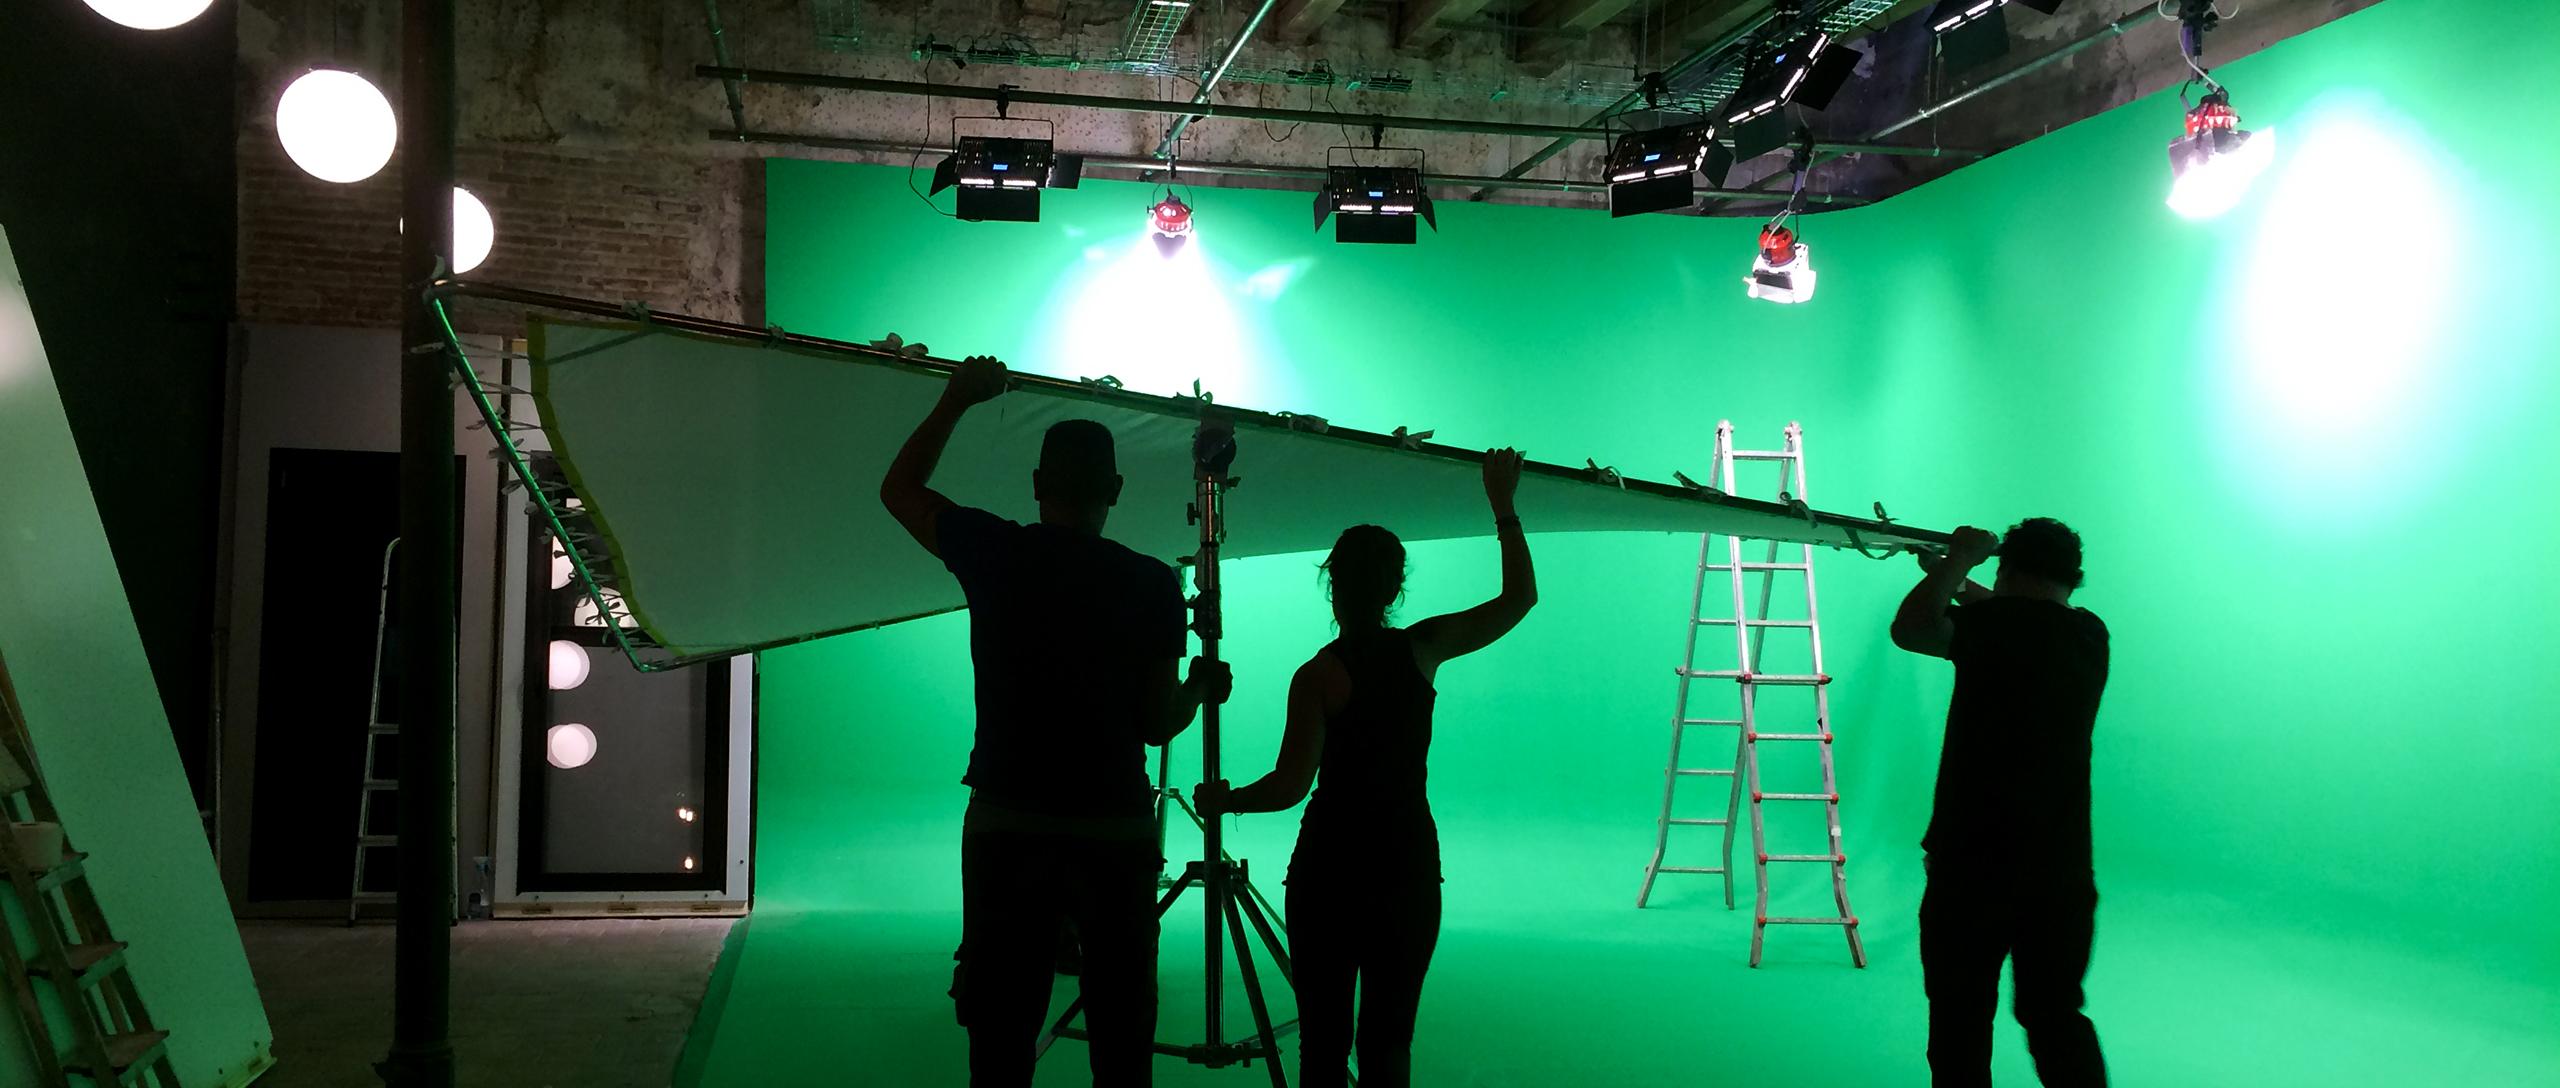 Alquiler de estudio croma para fotografía y video en Barcelona